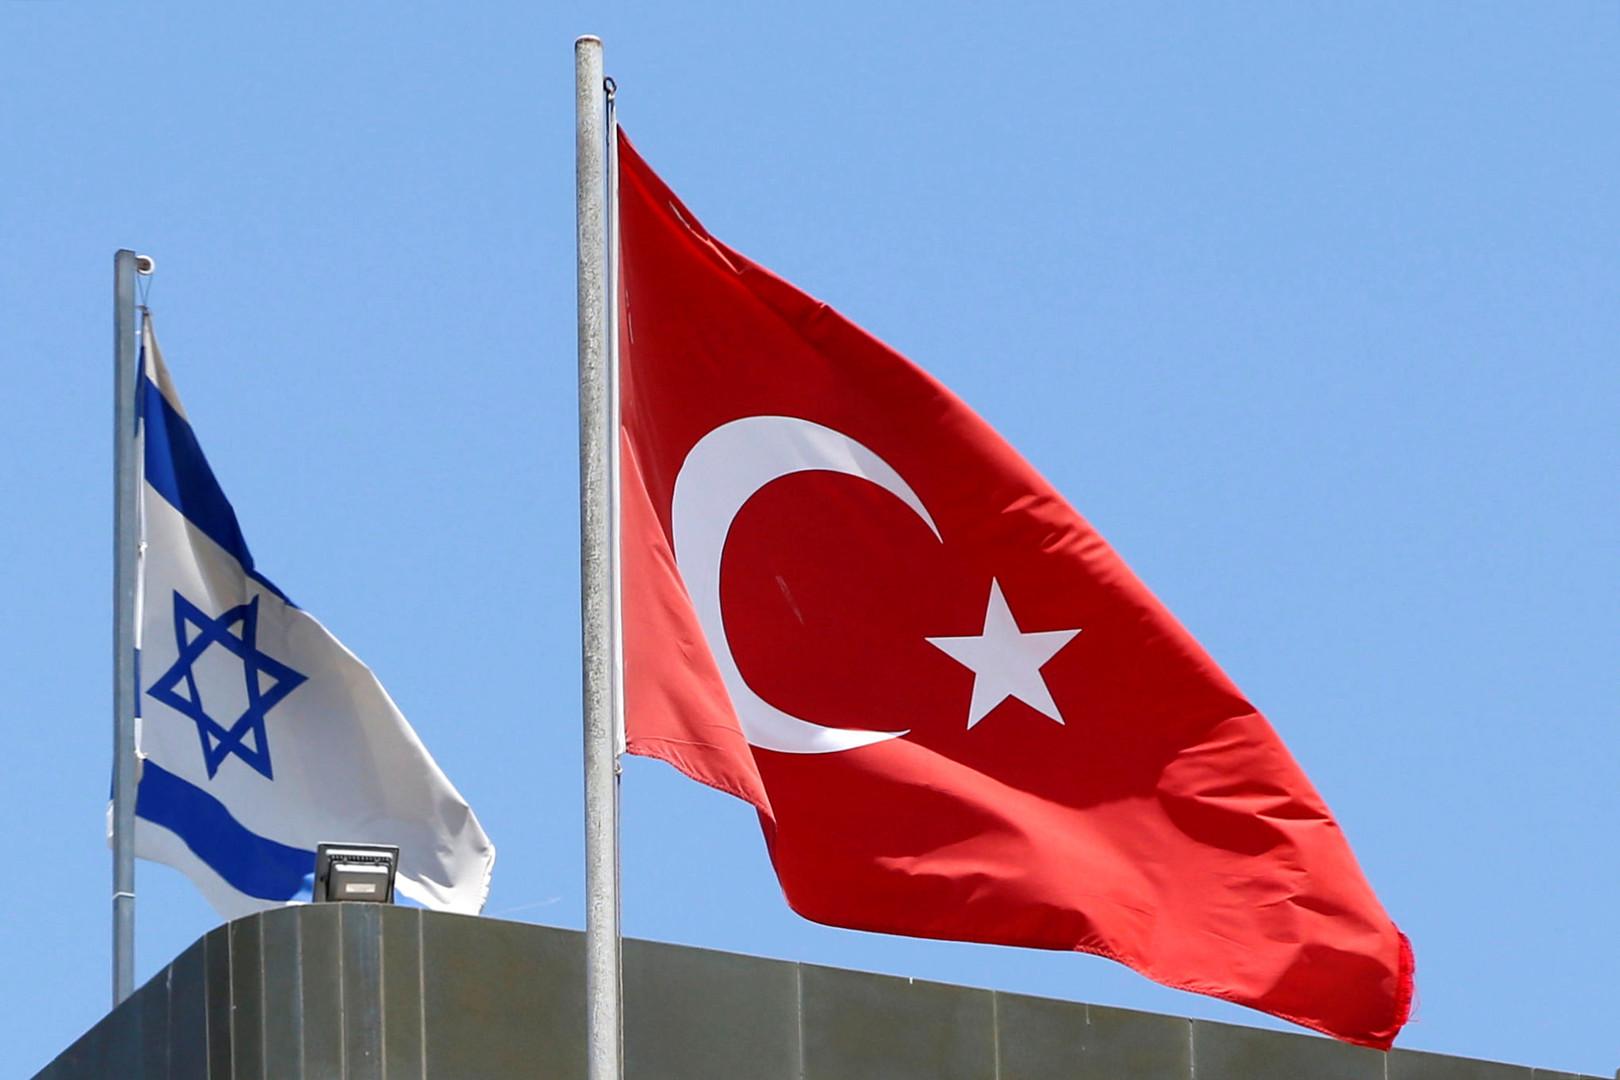 Пошёл на попятный: как Эрдоган поссорился и помирился с Израилем